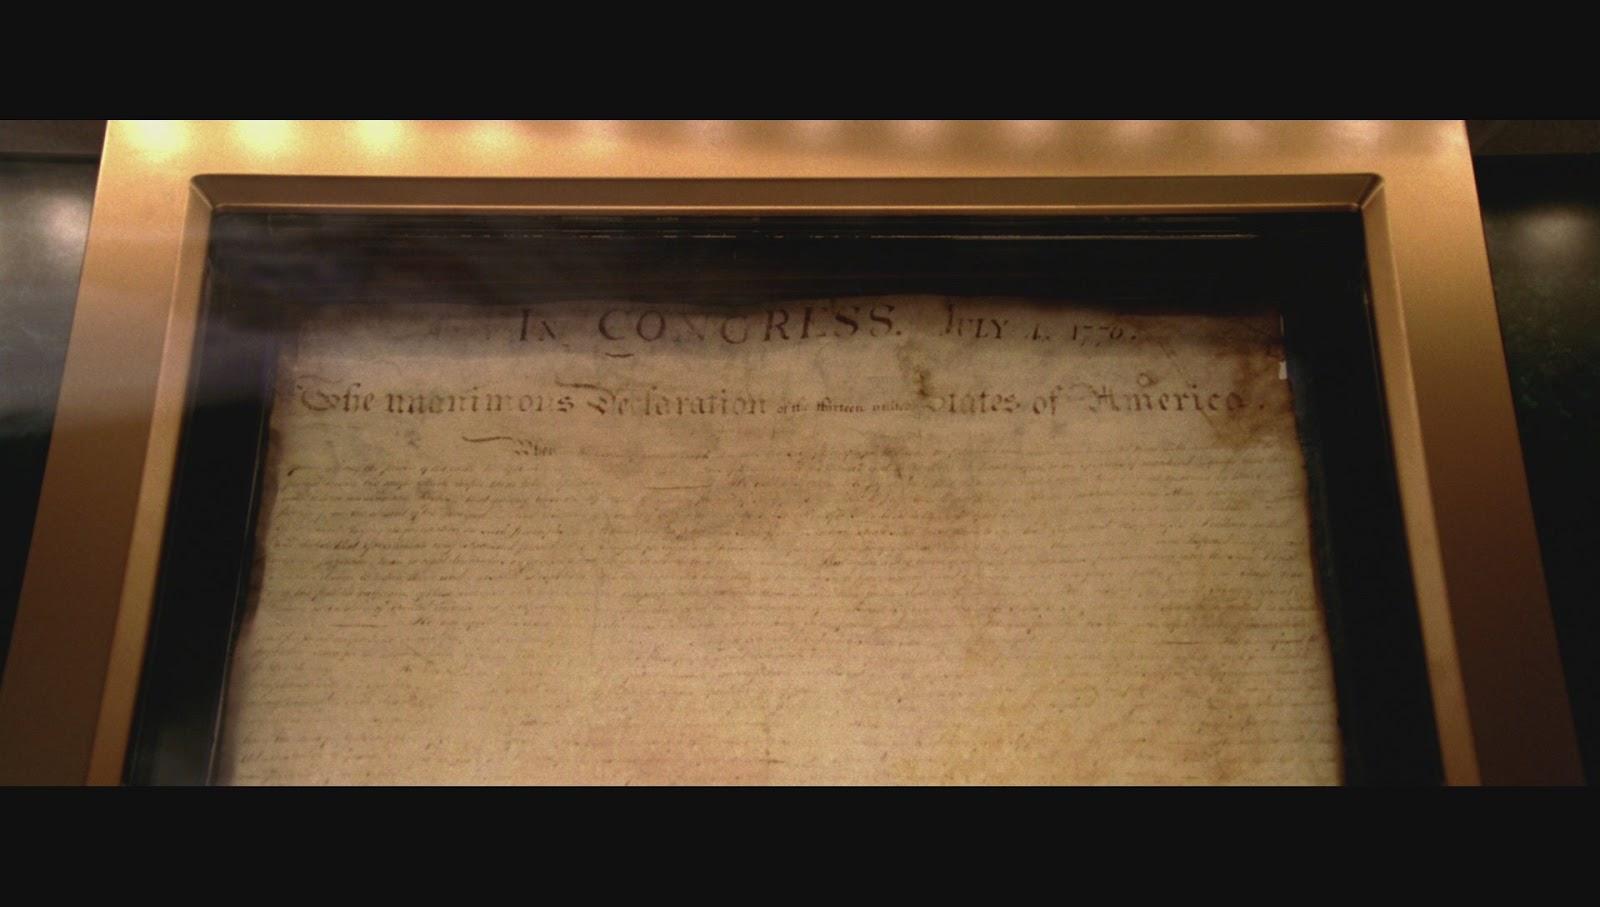 summary of national treasure Synopsis : perdu depuis plus de 200 ans, le trésor des chevaliers du templier  fait partie de ces mythiques légendes ben gates  national treasure.